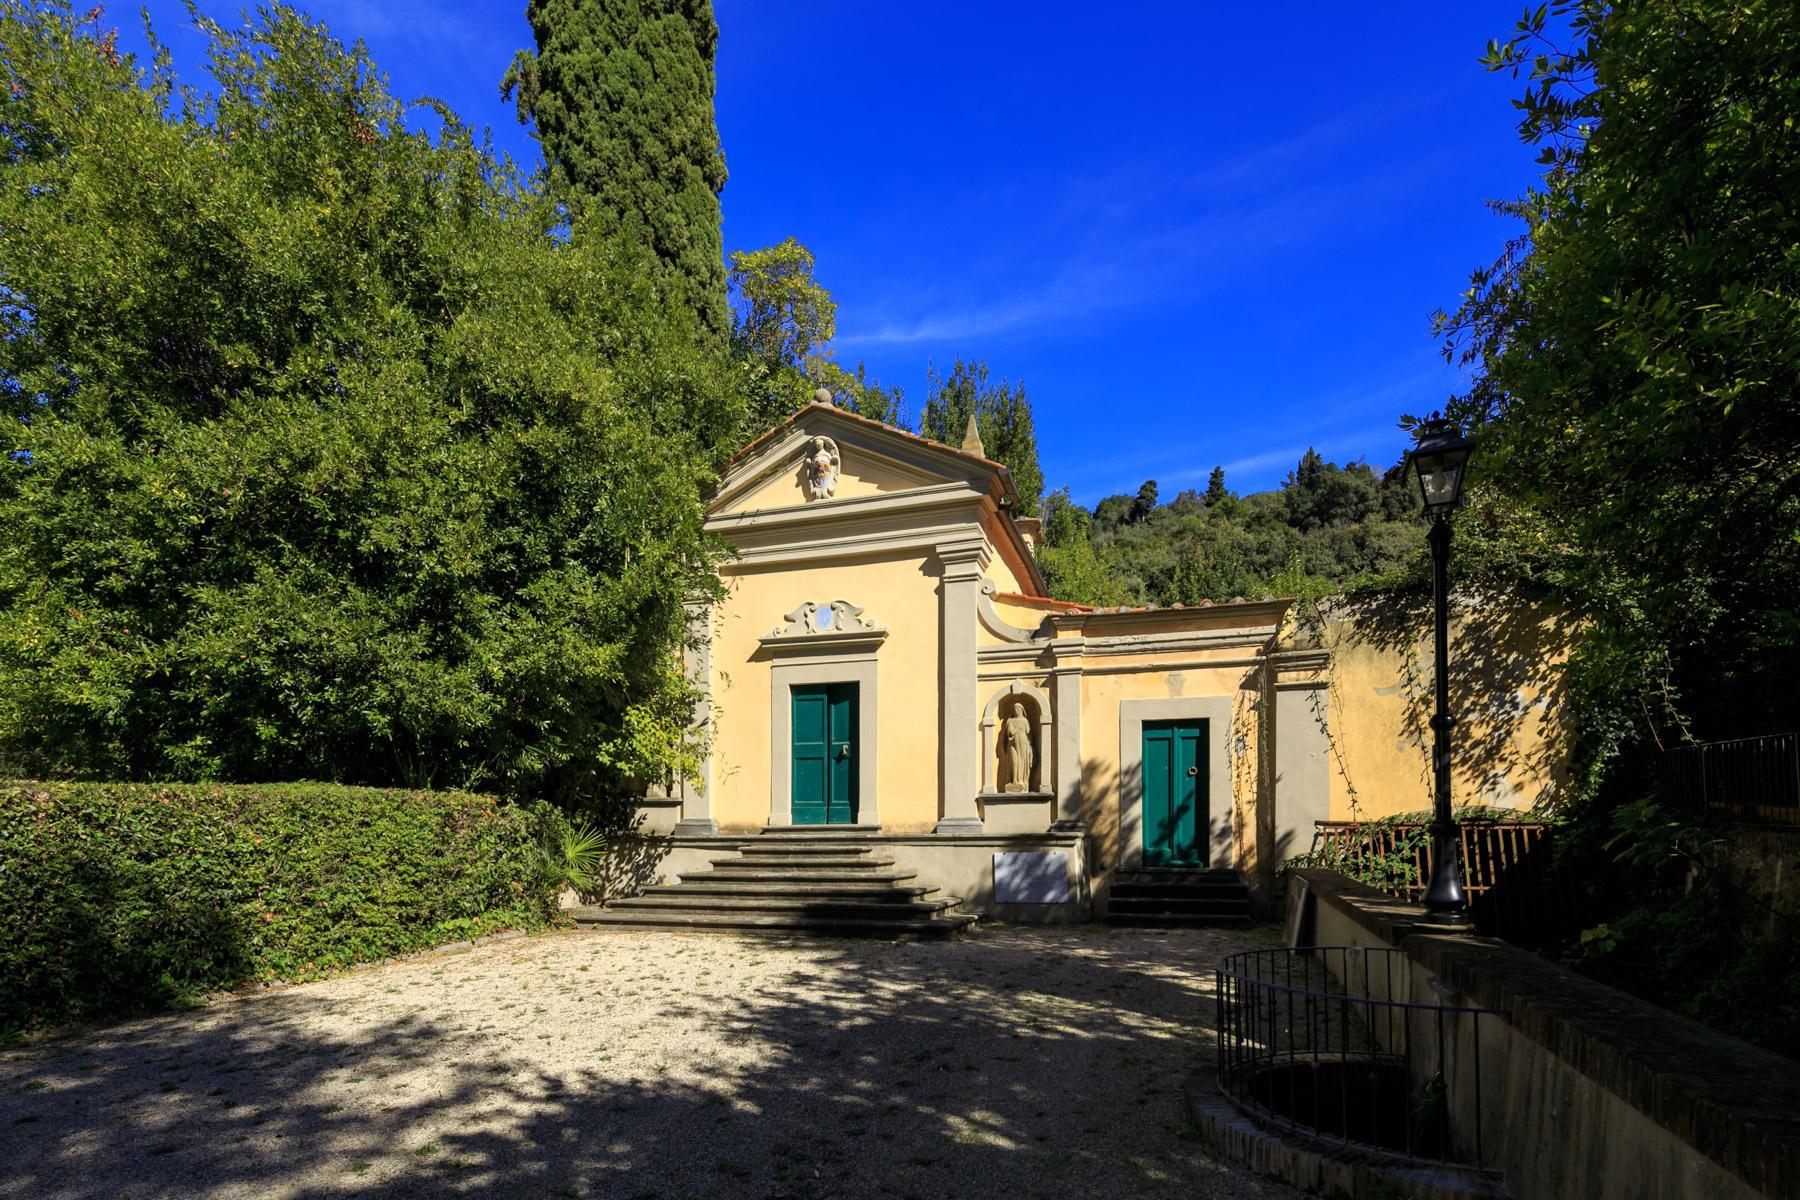 Wunderschöne Villa aus dem 16. Jahrhundert - 20